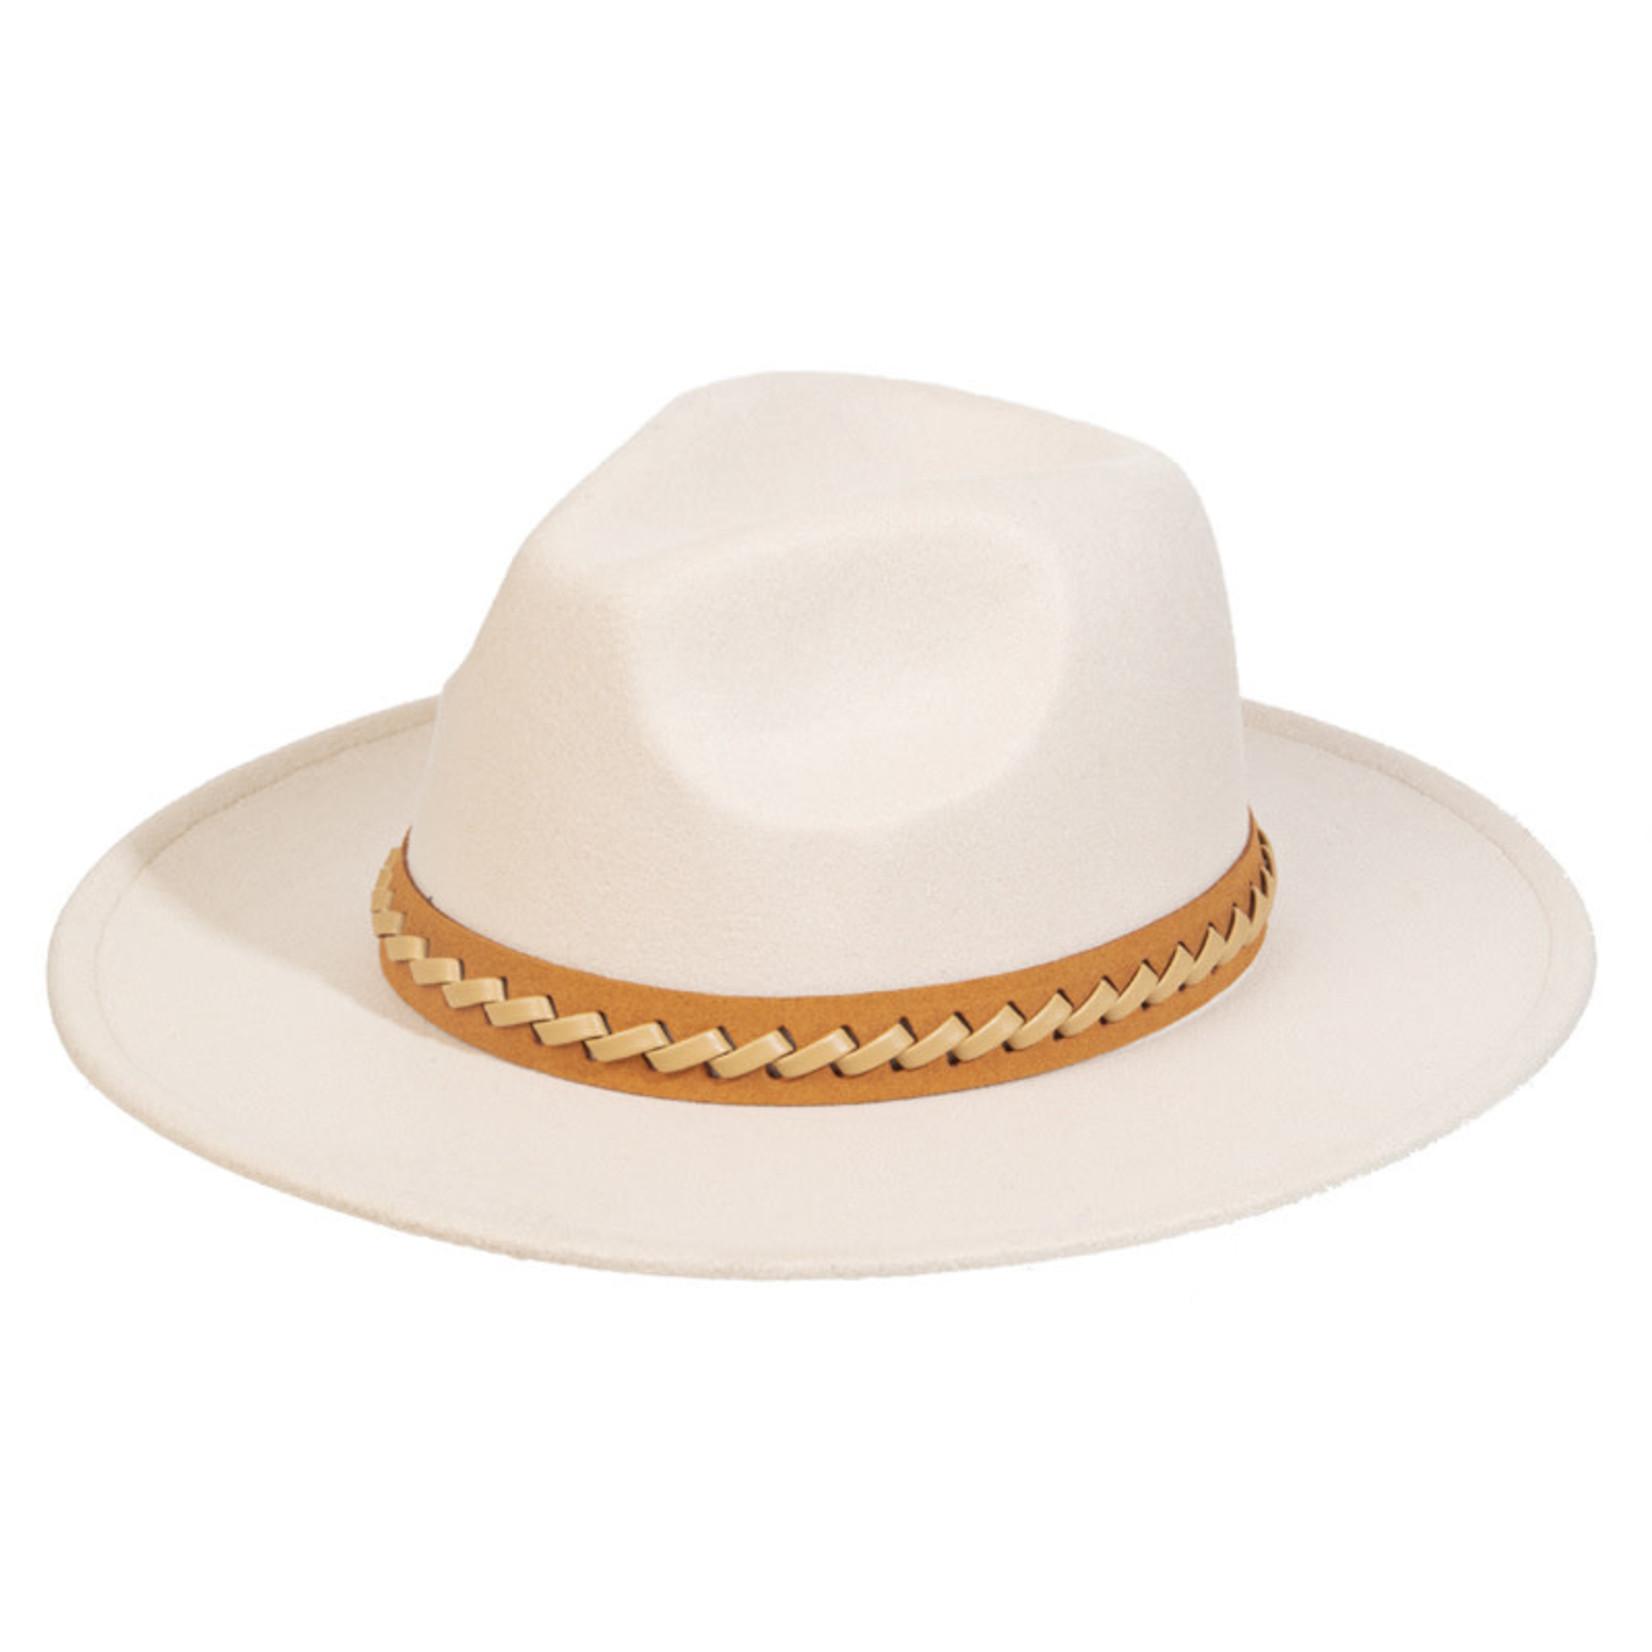 Felt Hat Ivory Fedora with Braided Band